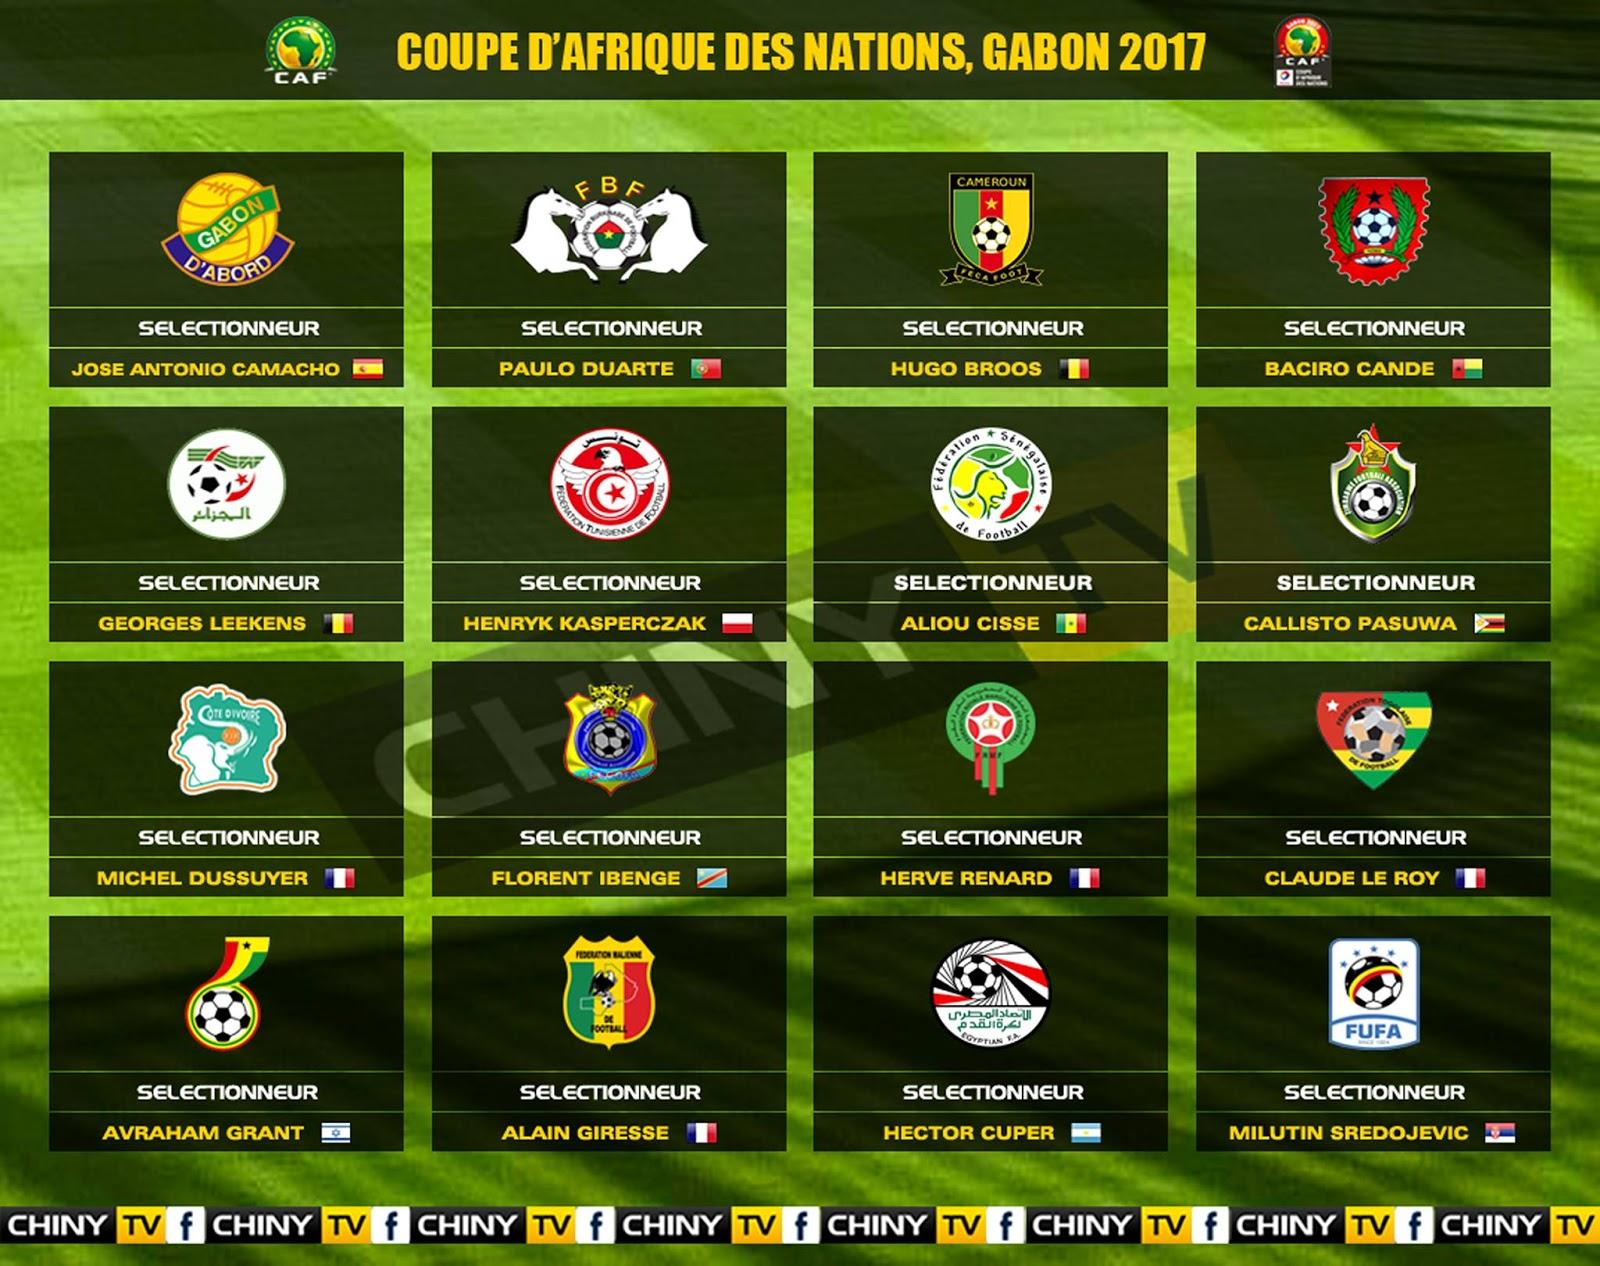 Caf coupe d 39 afrique des nations 2017 le programme les - Prochaine coupe d afrique des nations ...